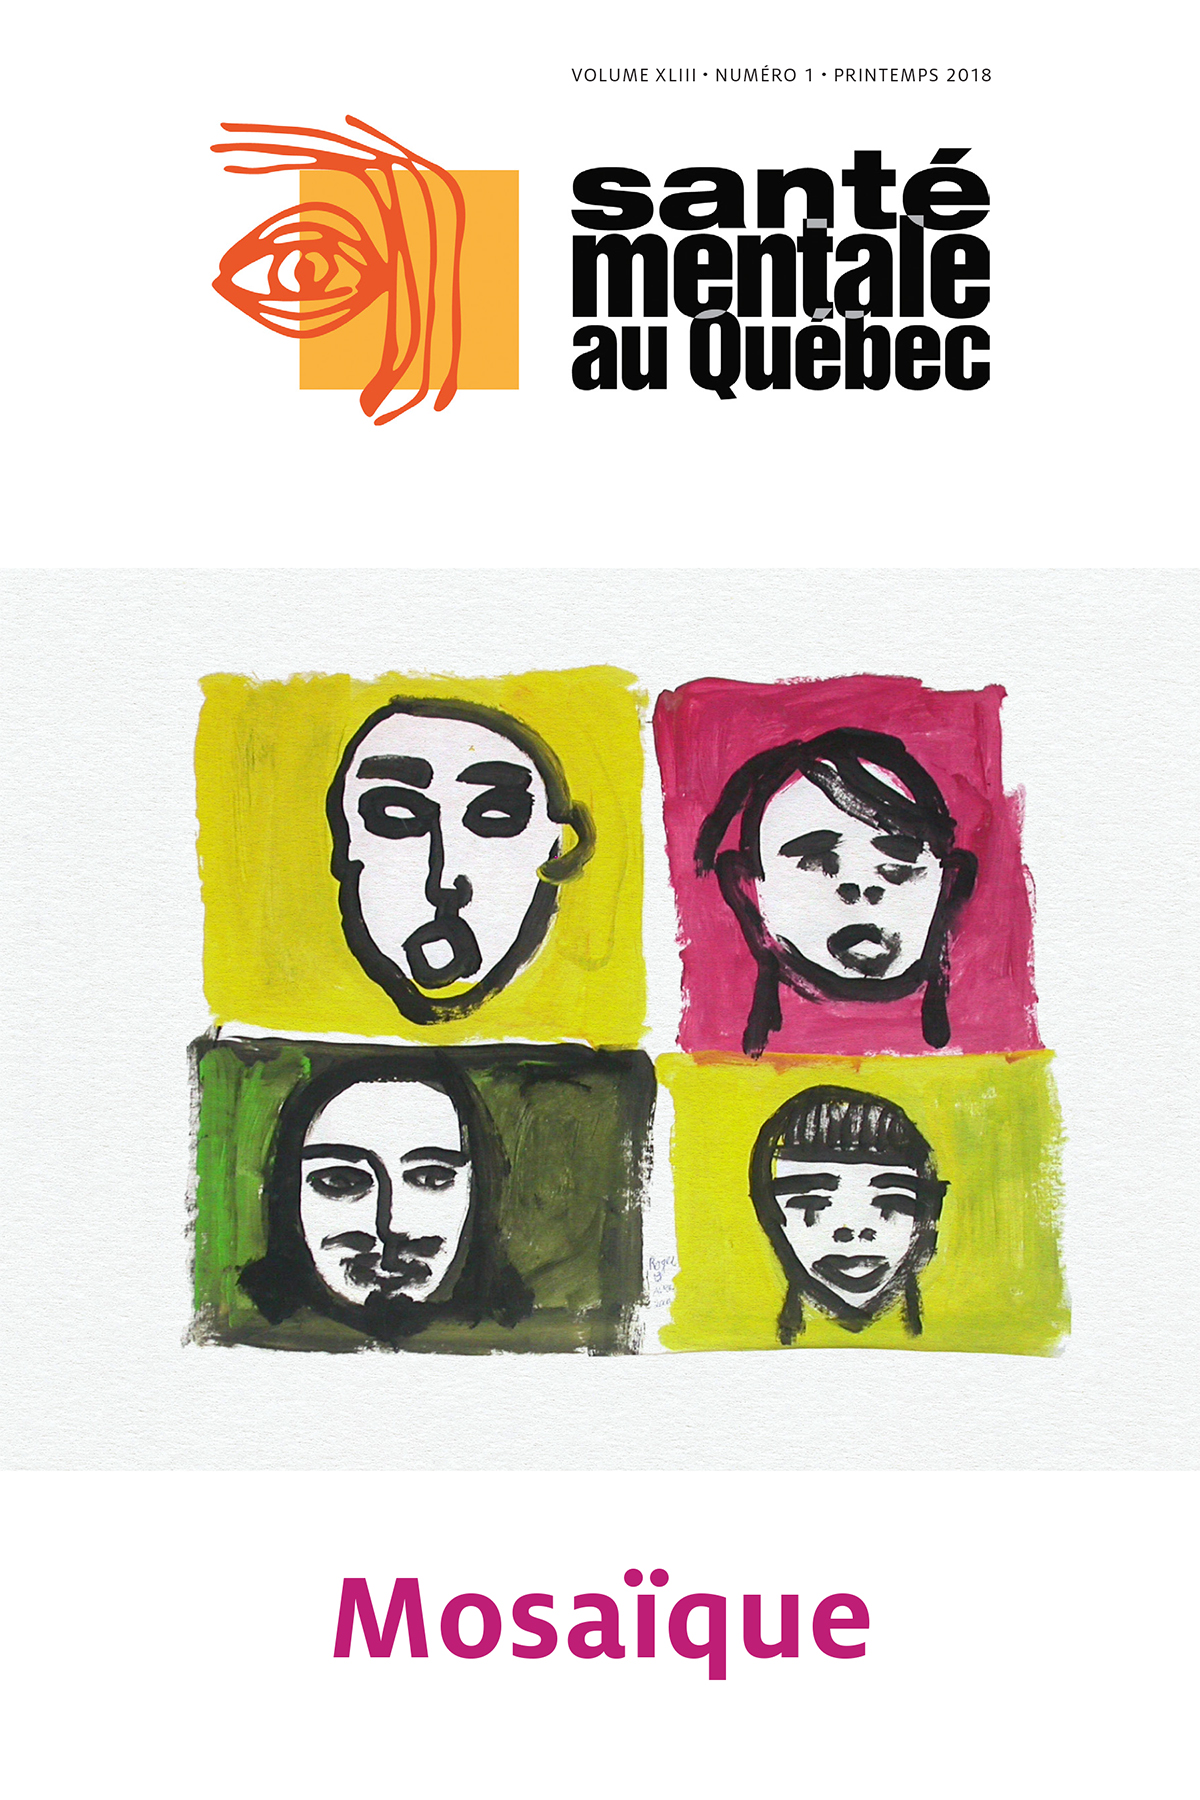 Santé mentale au Québec. Vol. 43 No. 1, Printemps 2018